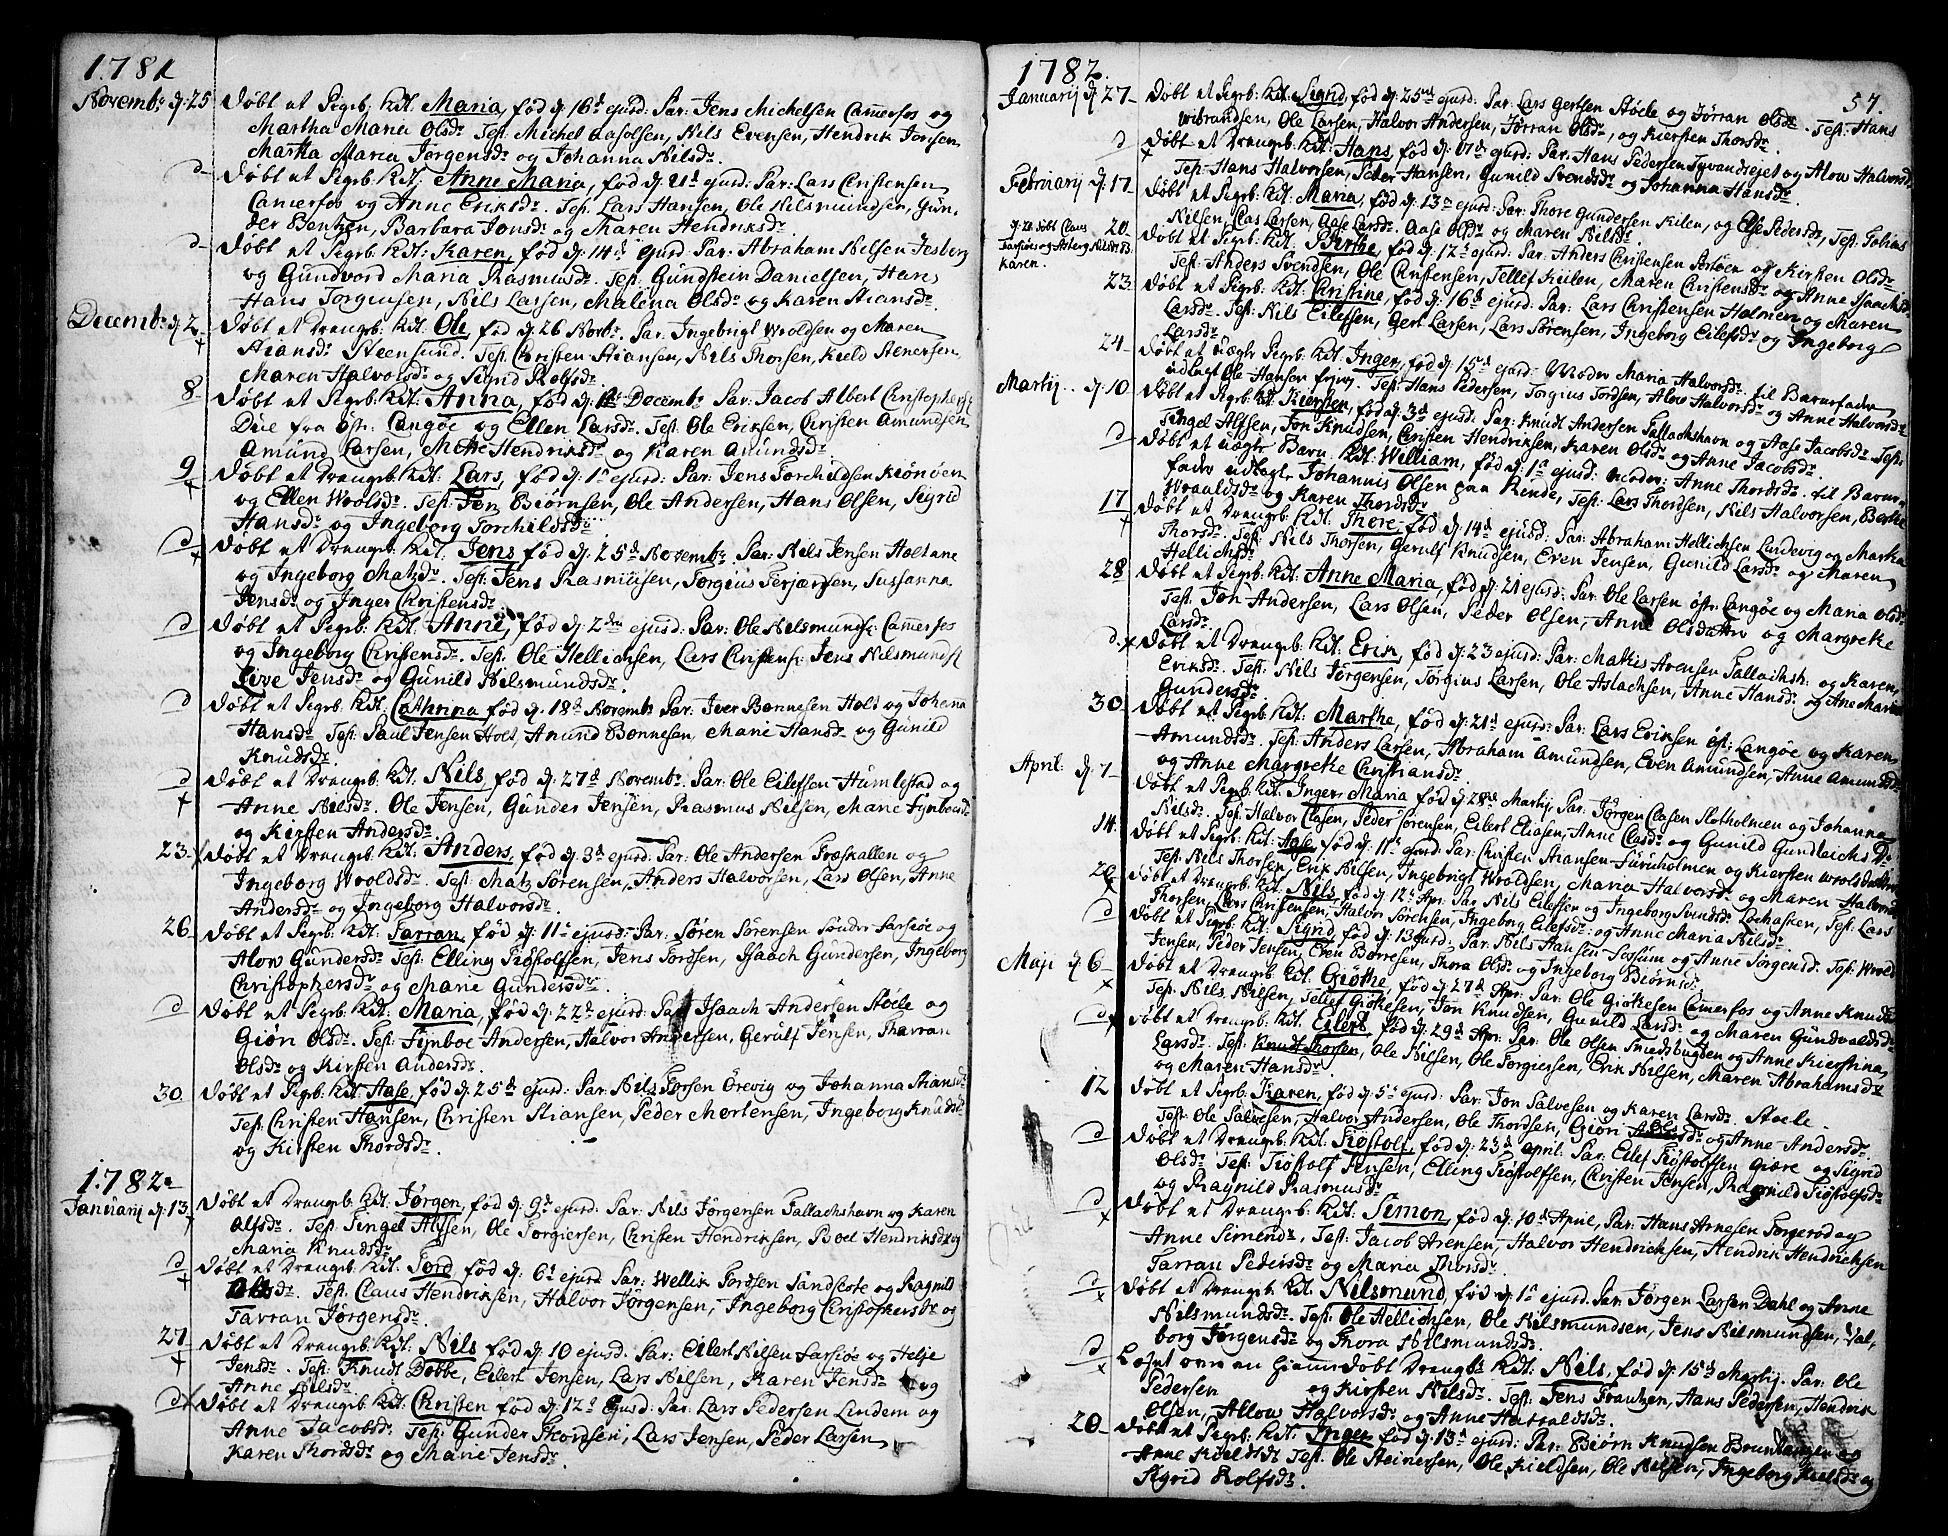 SAKO, Sannidal kirkebøker, F/Fa/L0002: Ministerialbok nr. 2, 1767-1802, s. 57